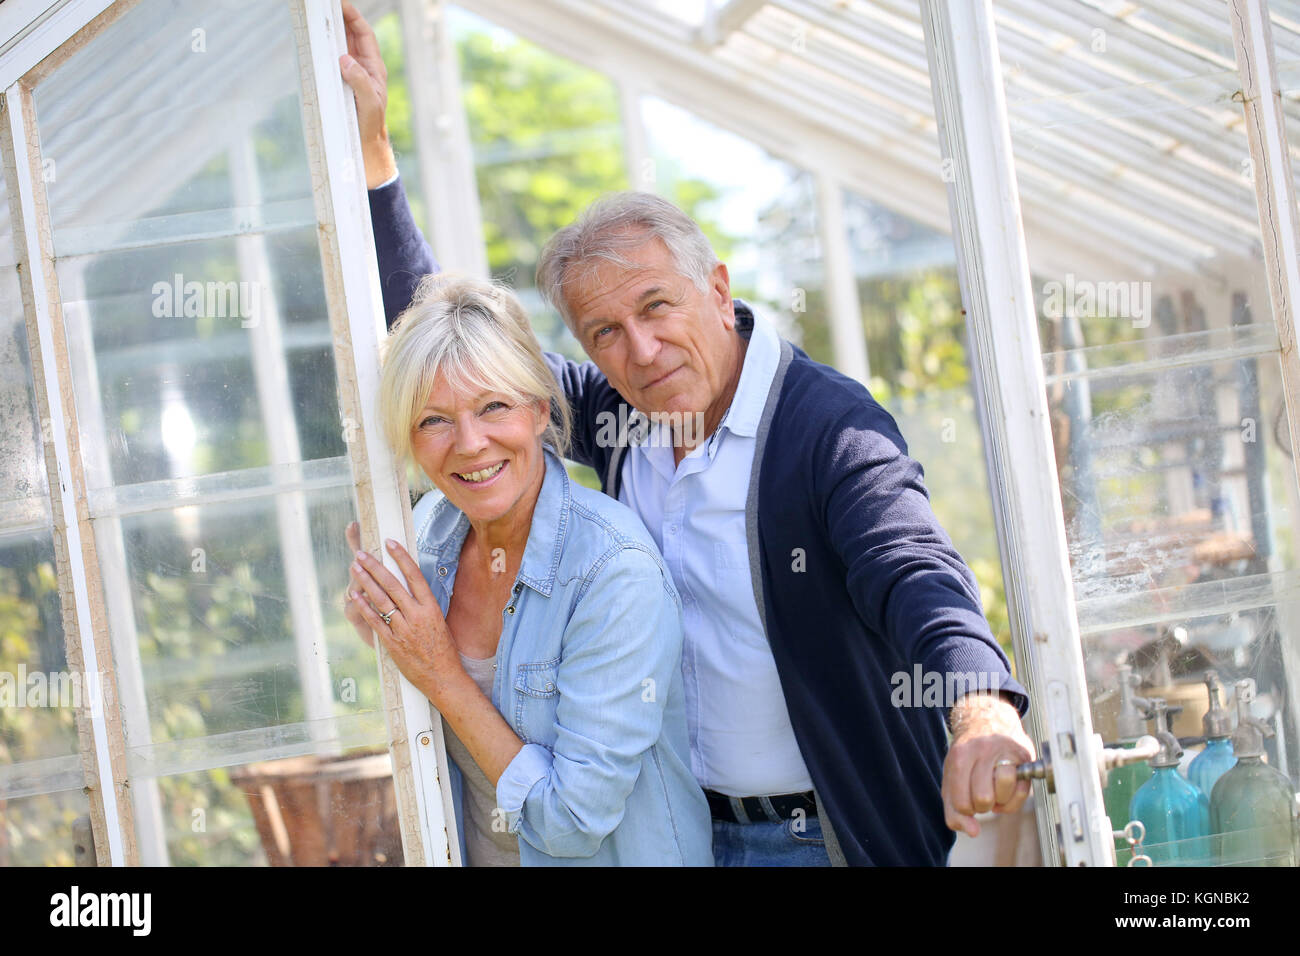 Alto par de pie en el jardín invernadero Imagen De Stock